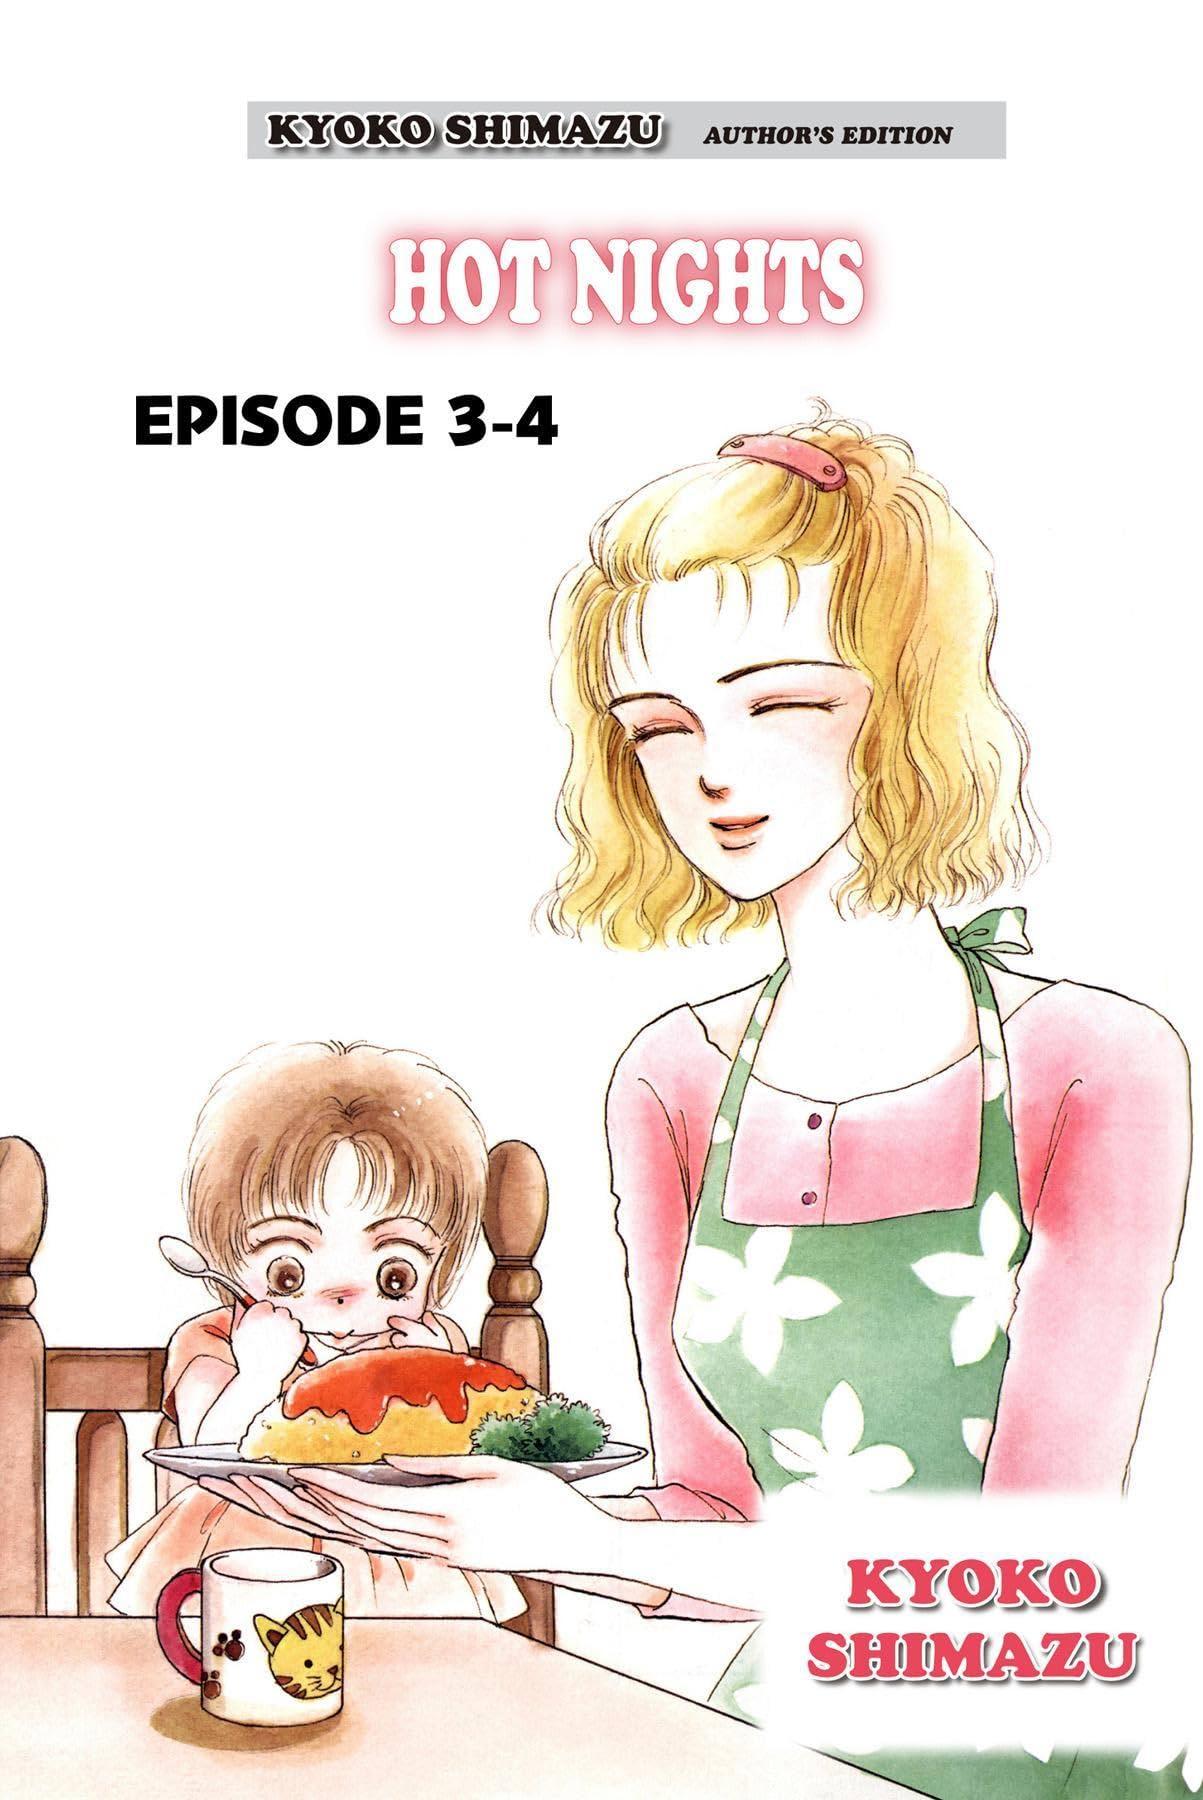 KYOKO SHIMAZU AUTHOR'S EDITION #18